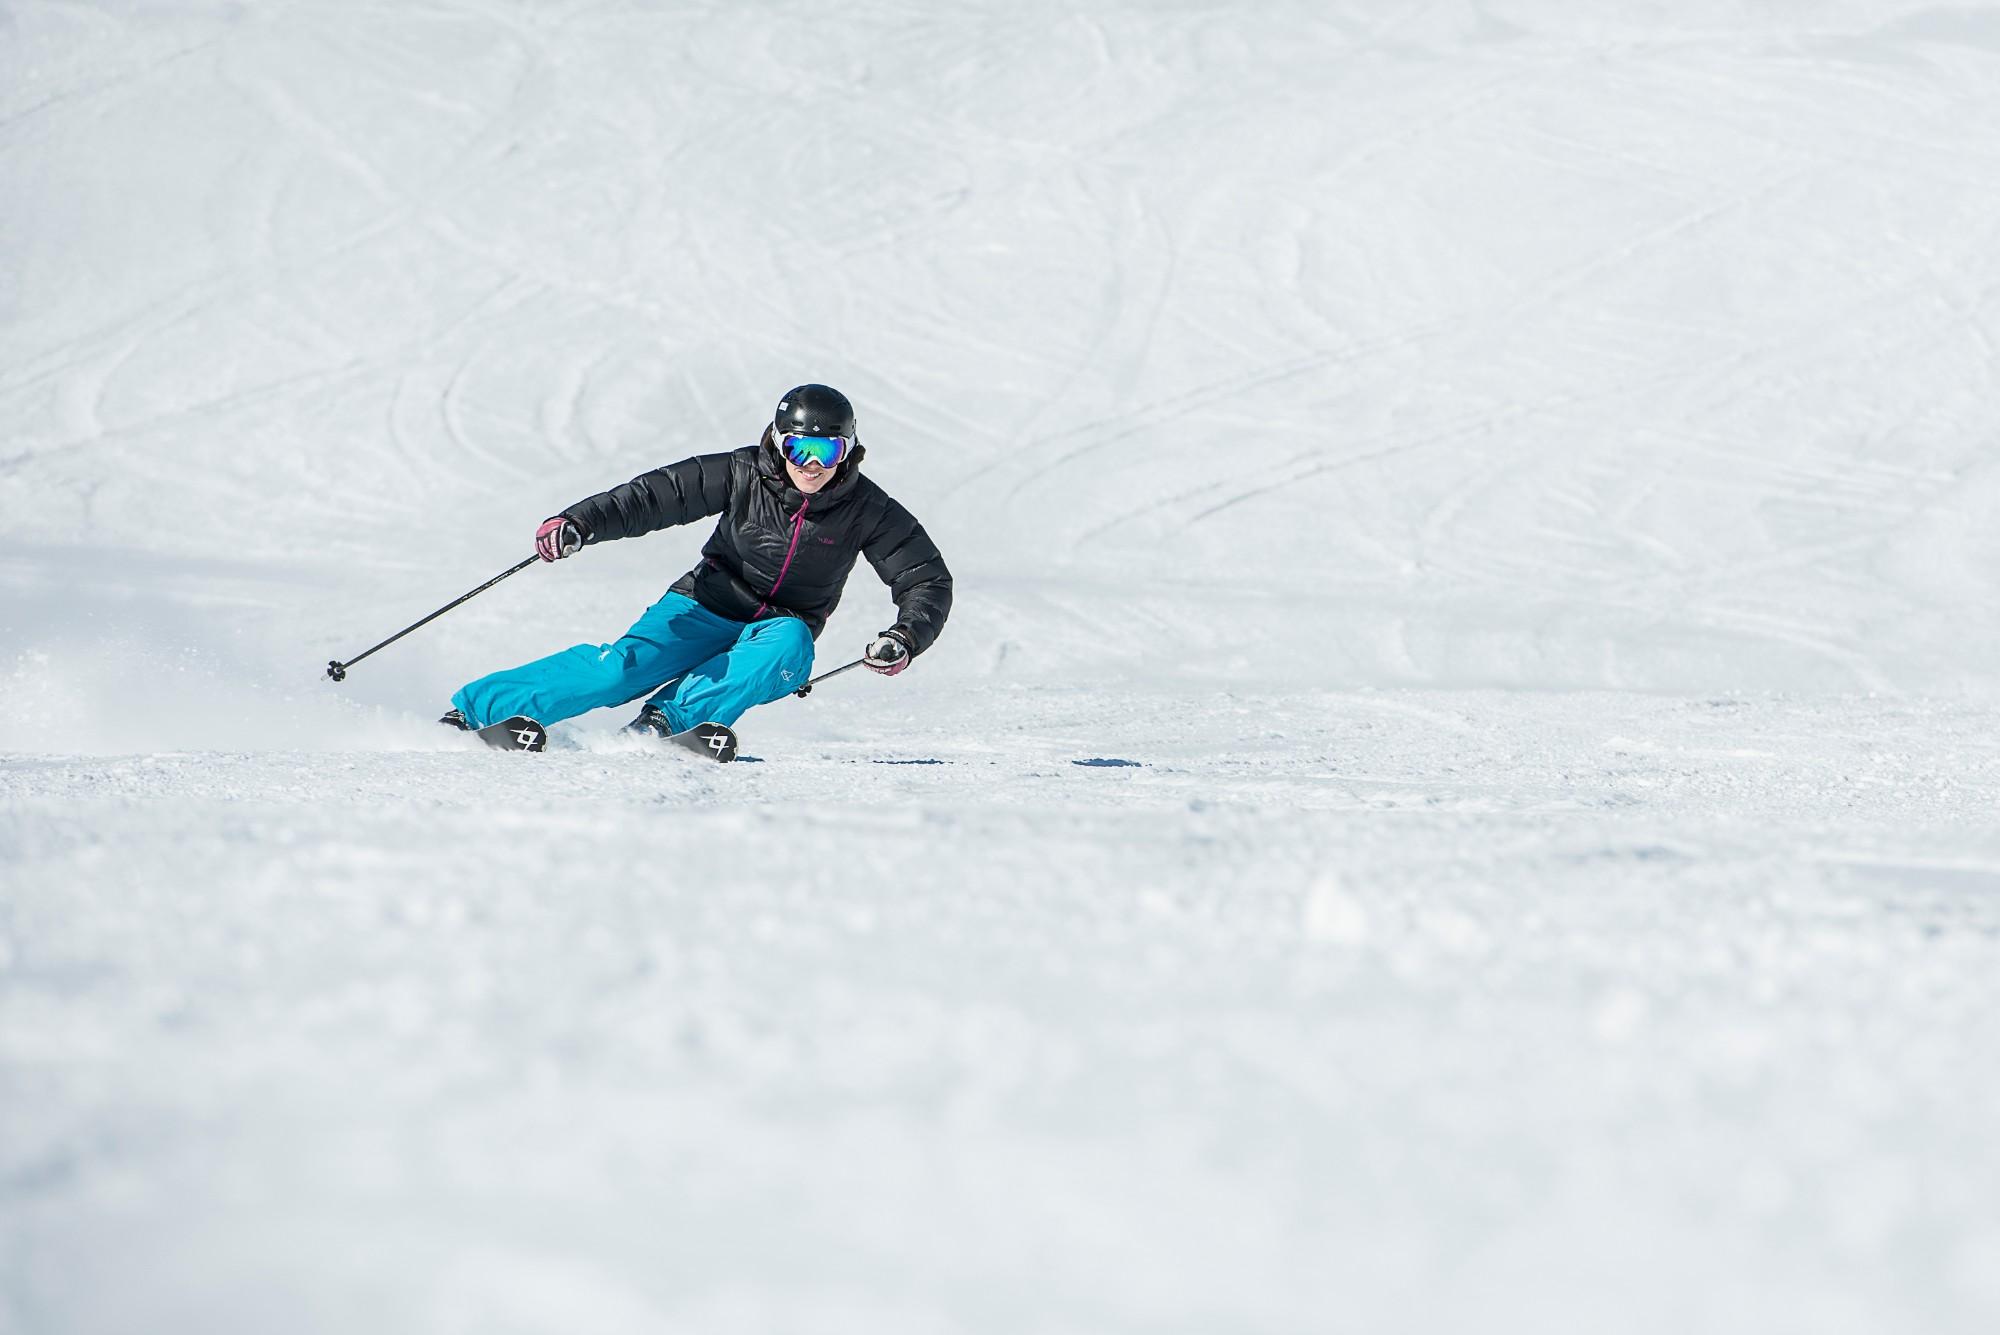 Ski clinic for kvinner